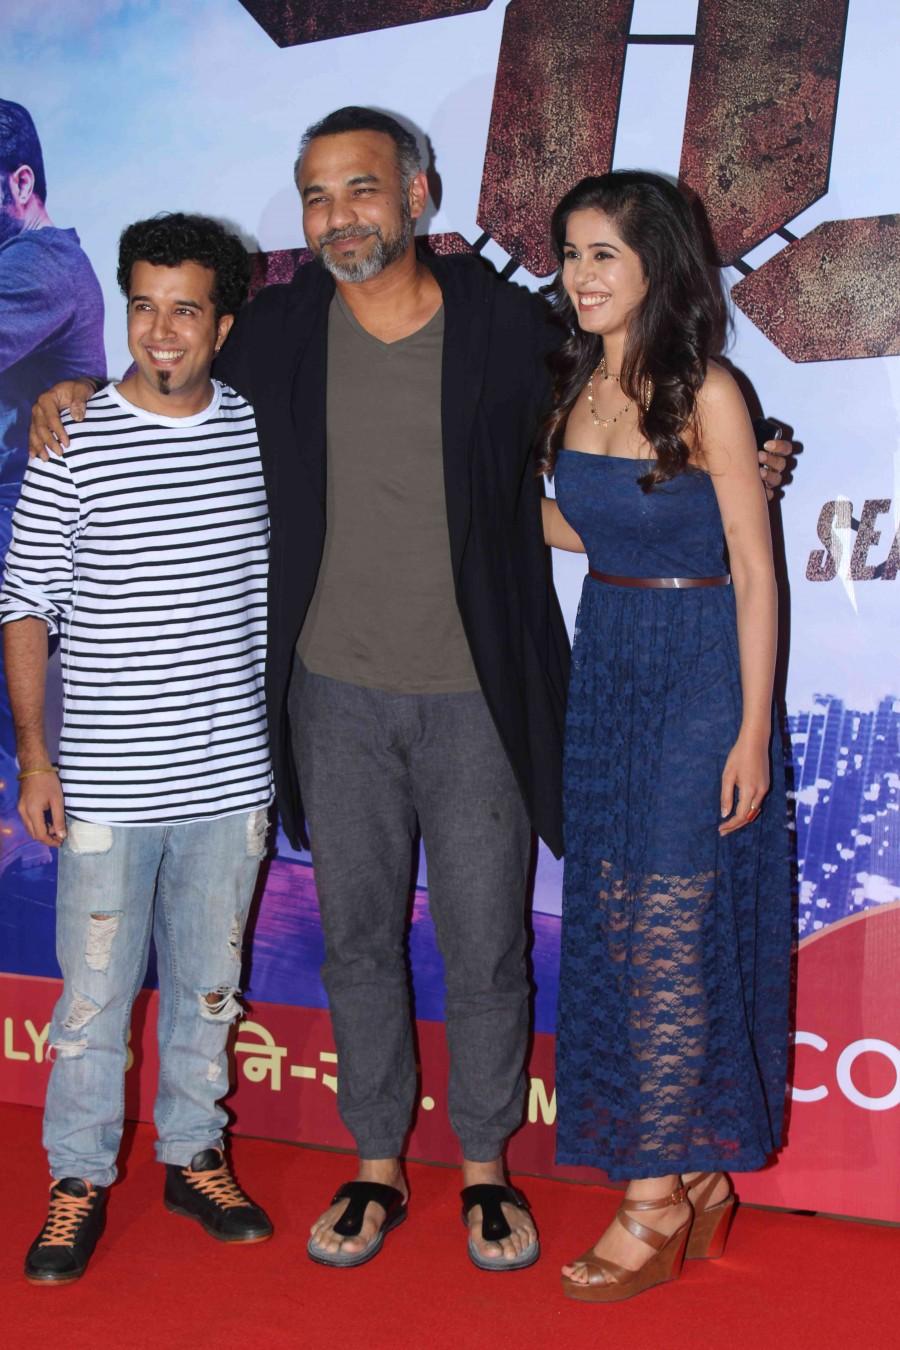 Ranveer Singh,Anil Kapoor,24 season 2,special screening of 24 season 2,special screening of 24,24 season 2 special screening,24 special screening